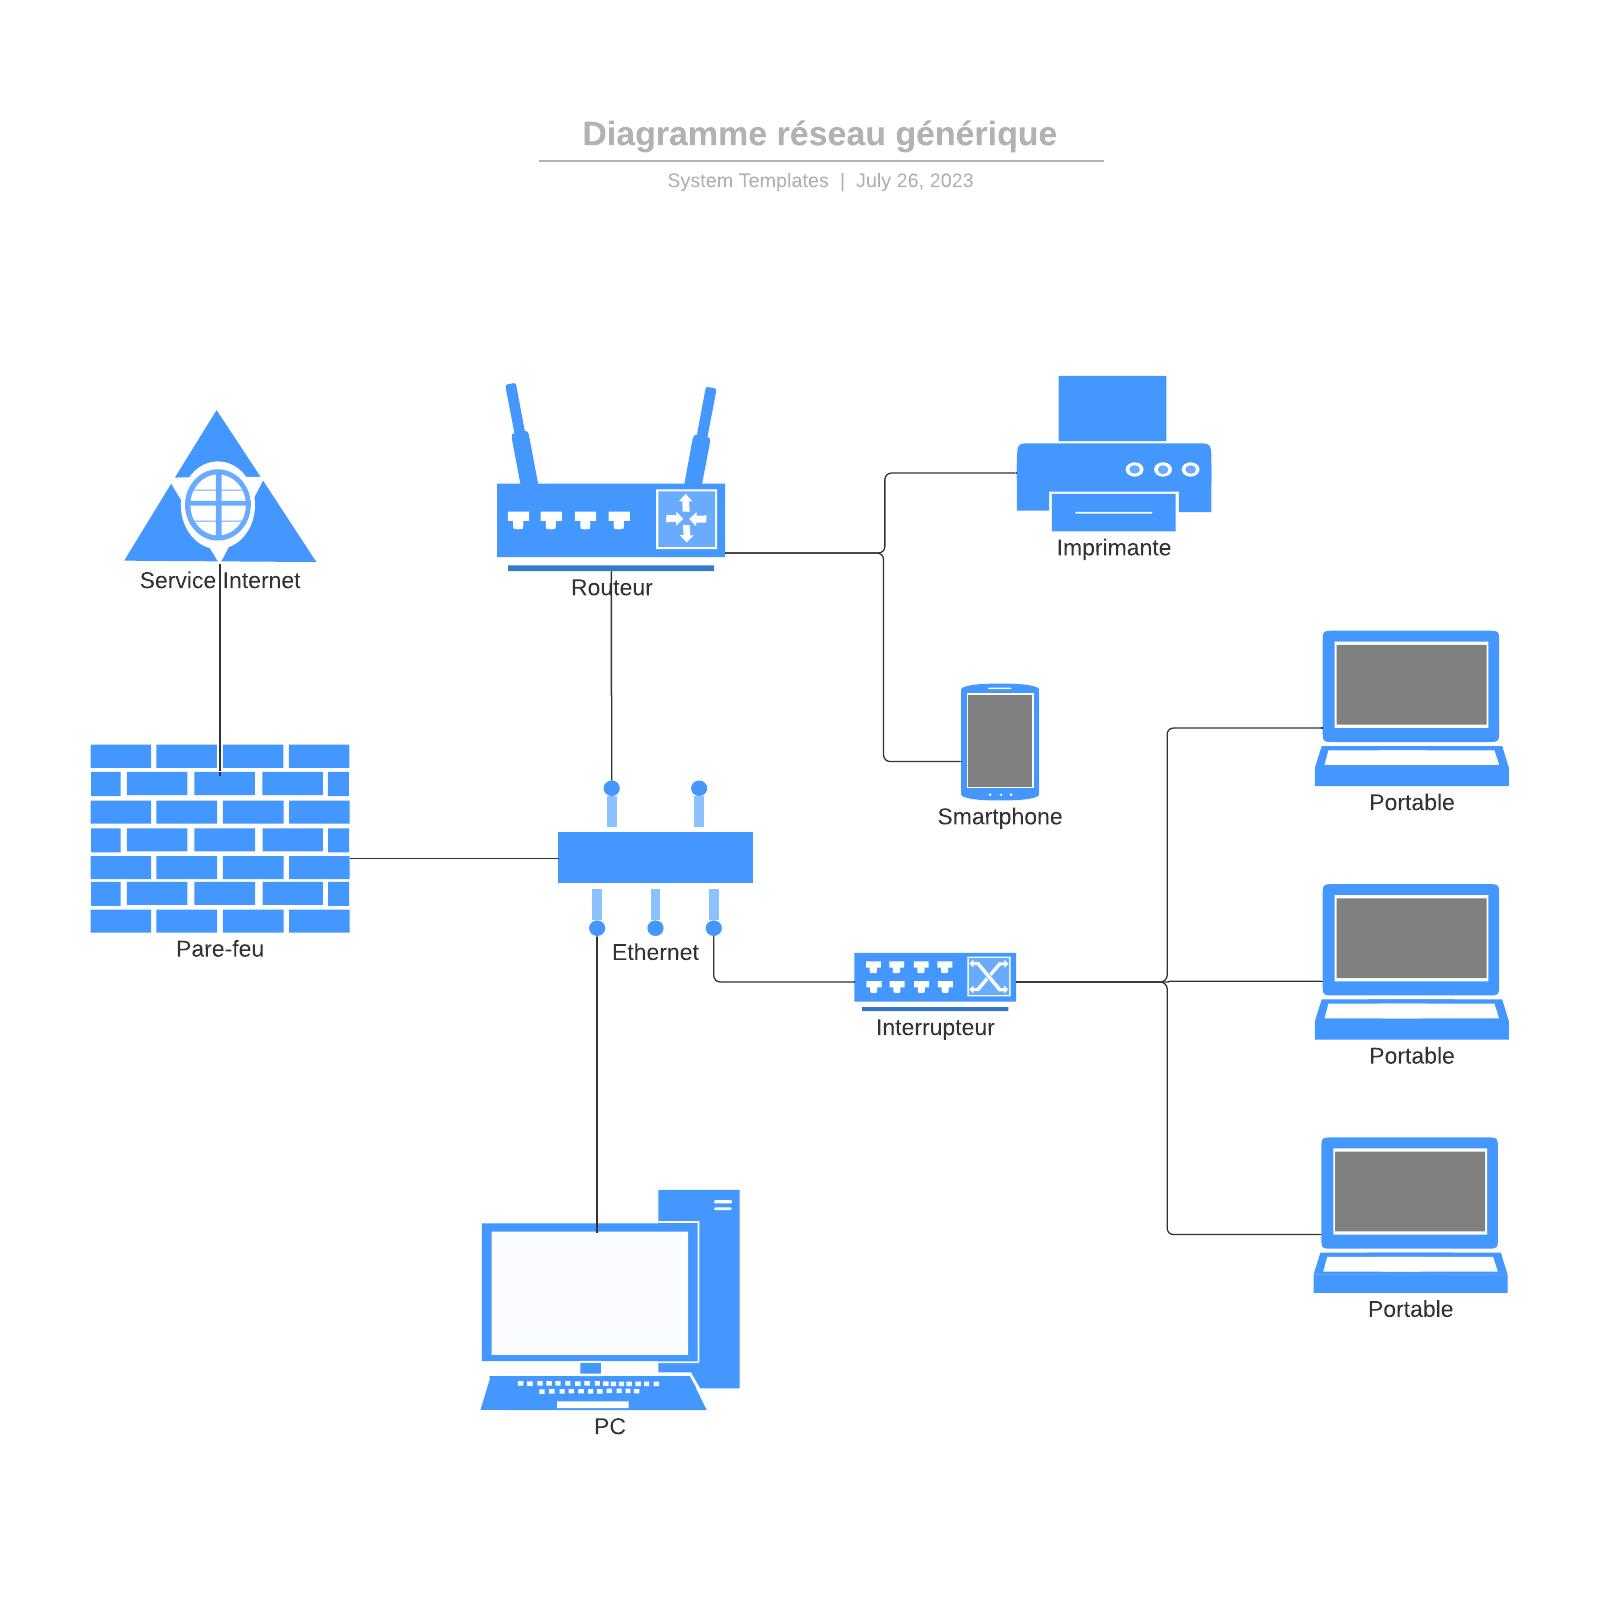 exemple de diagramme de réseau générique